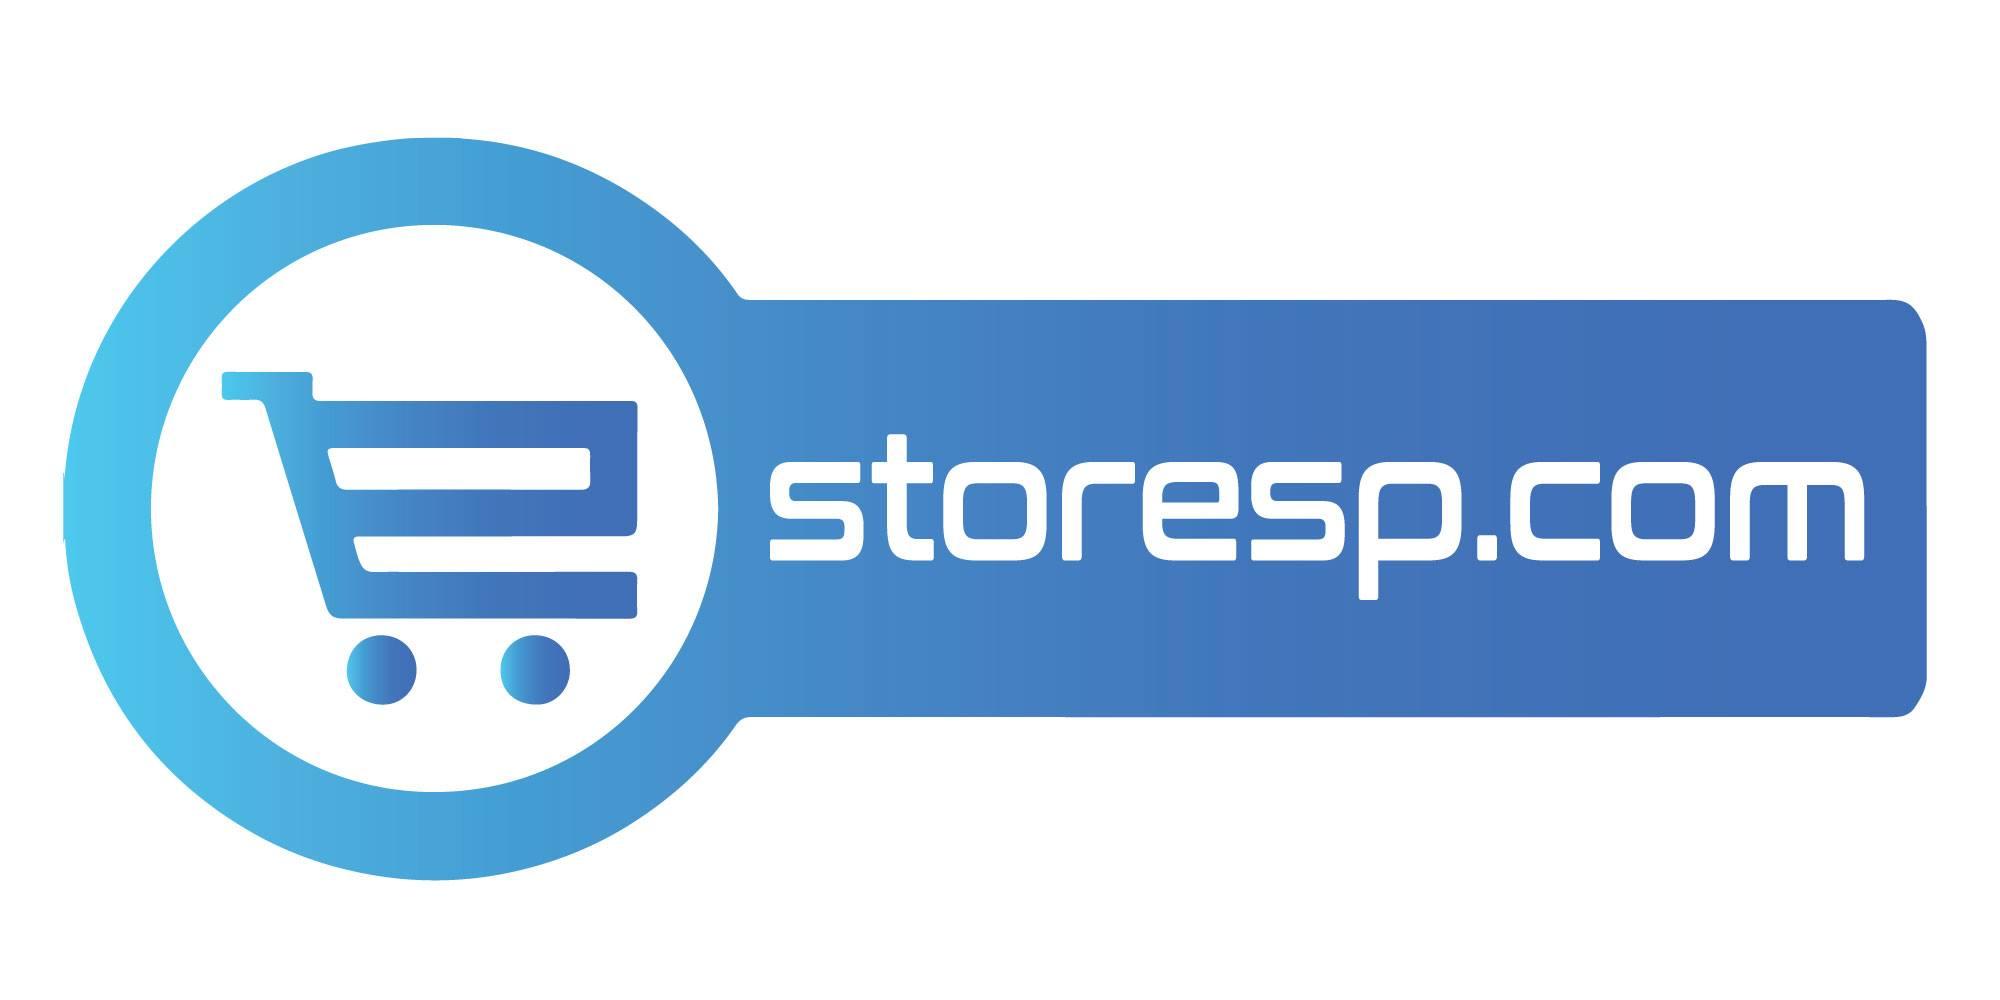 Storesp.com